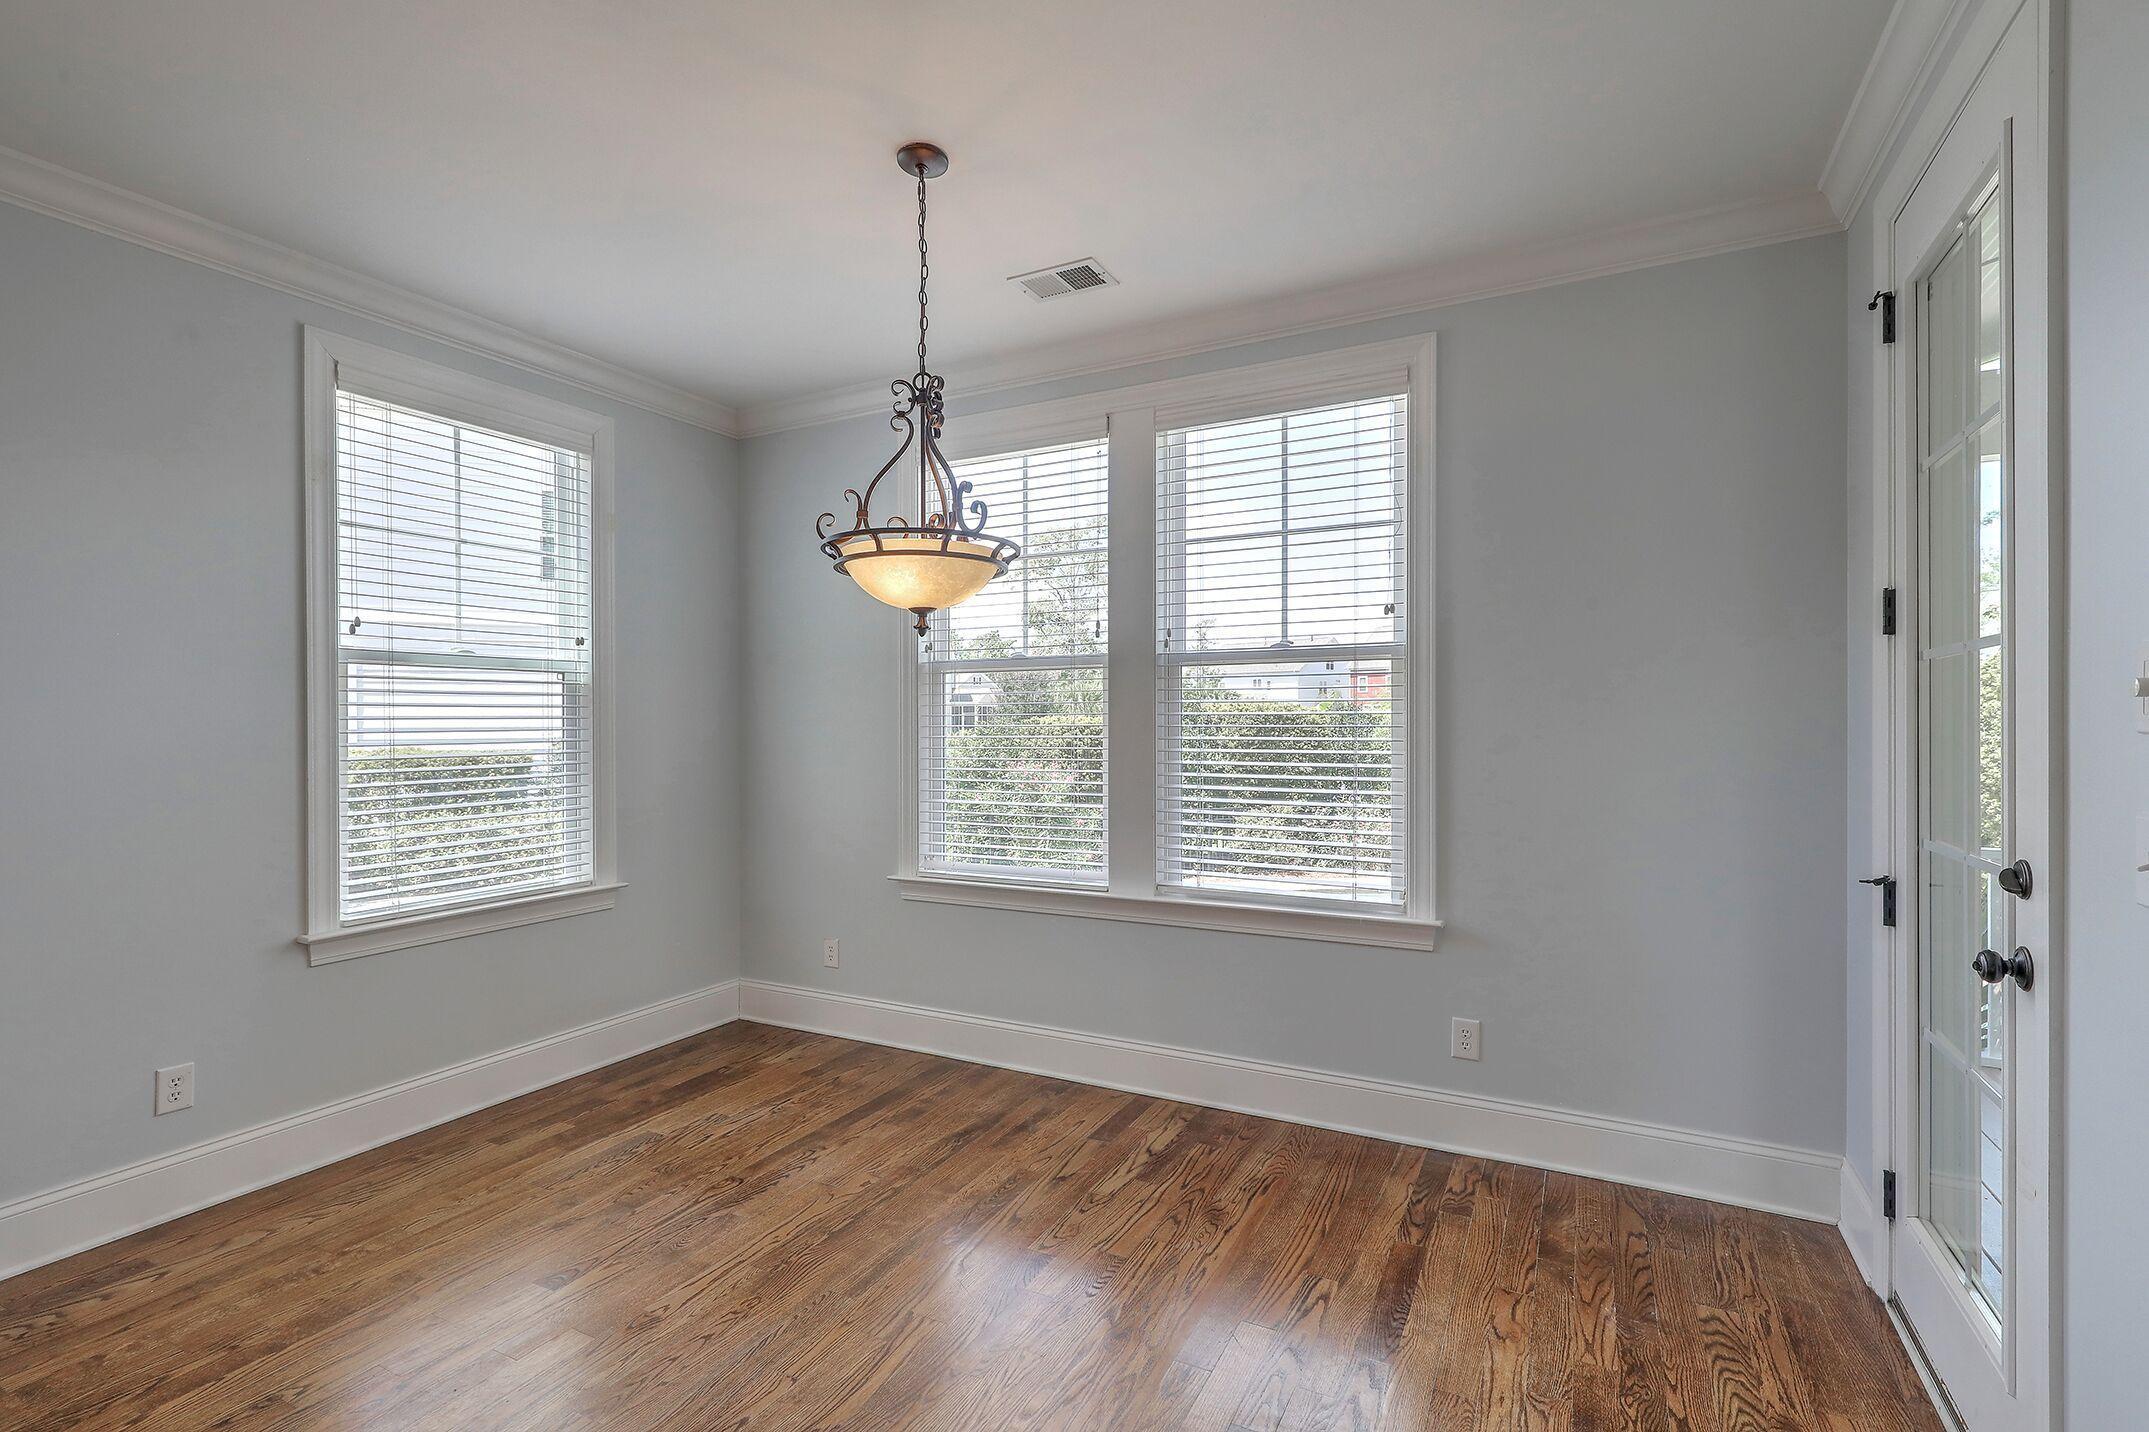 Dunes West Homes For Sale - 2970 Sturbridge, Mount Pleasant, SC - 8